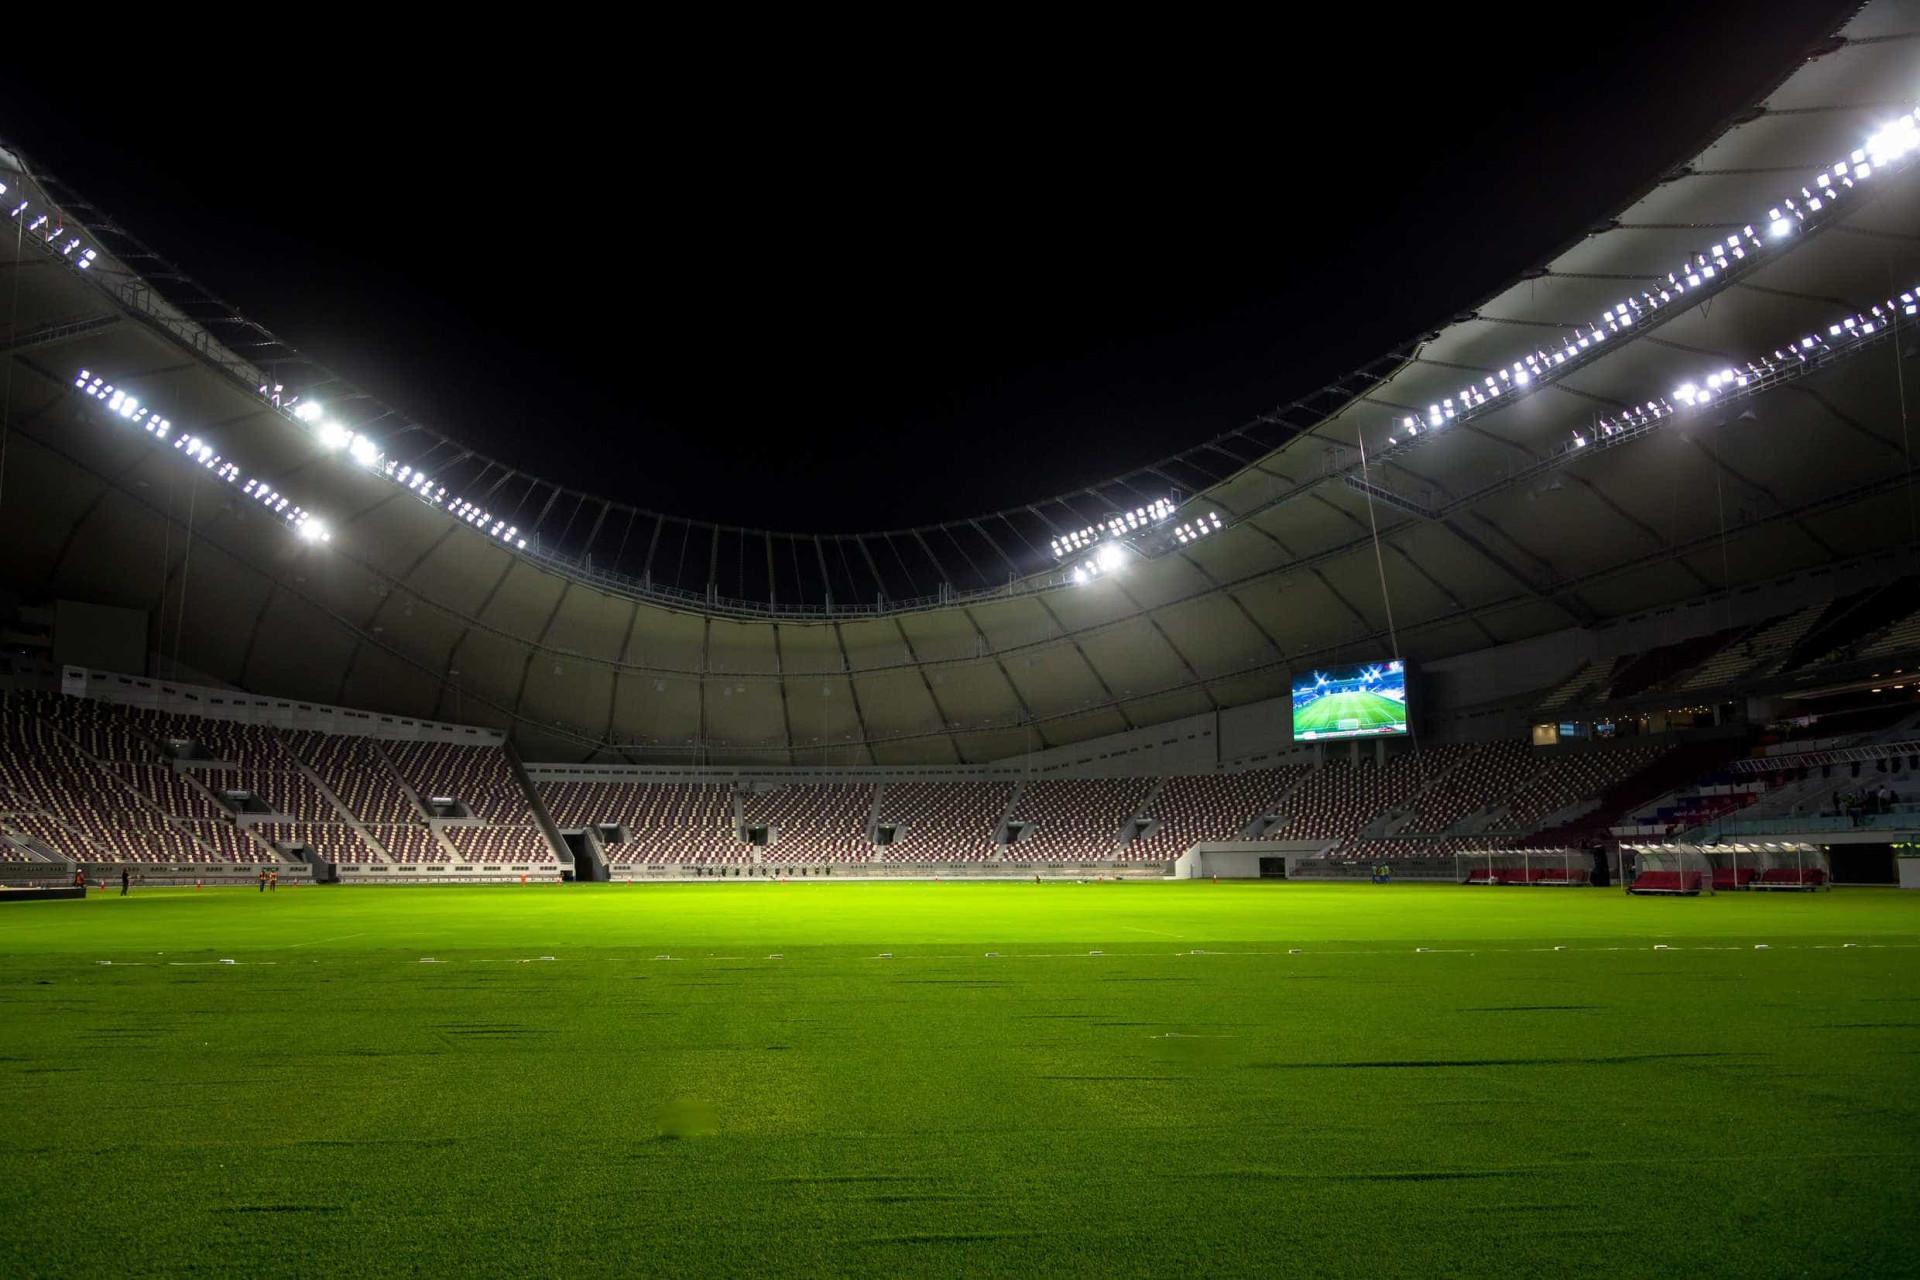 Veja as imagens do novo estádio que receberá o Mundial 2022 no Qatar